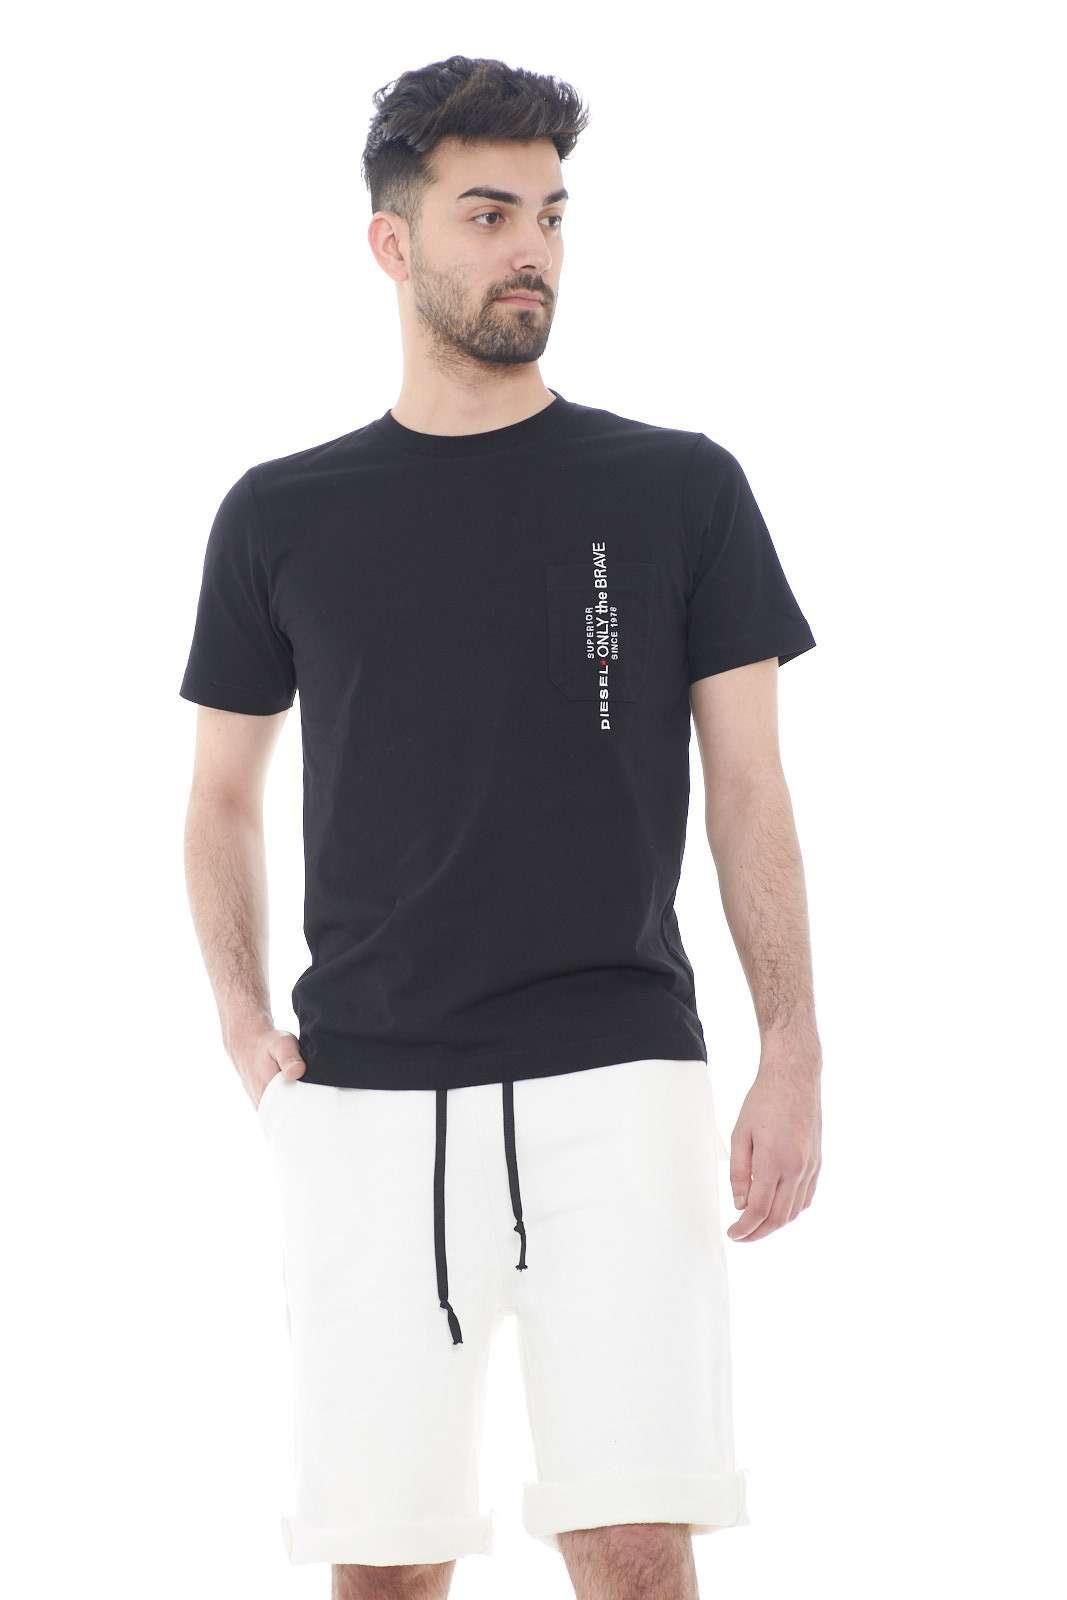 Una t shirt semplice quella firmata Diesel. Comoda e leggere , per un look casual da usare tutti i giorni. Da abbinare ad un bermuda o ad un pantaloncino è perfetta nella stagione estiva.